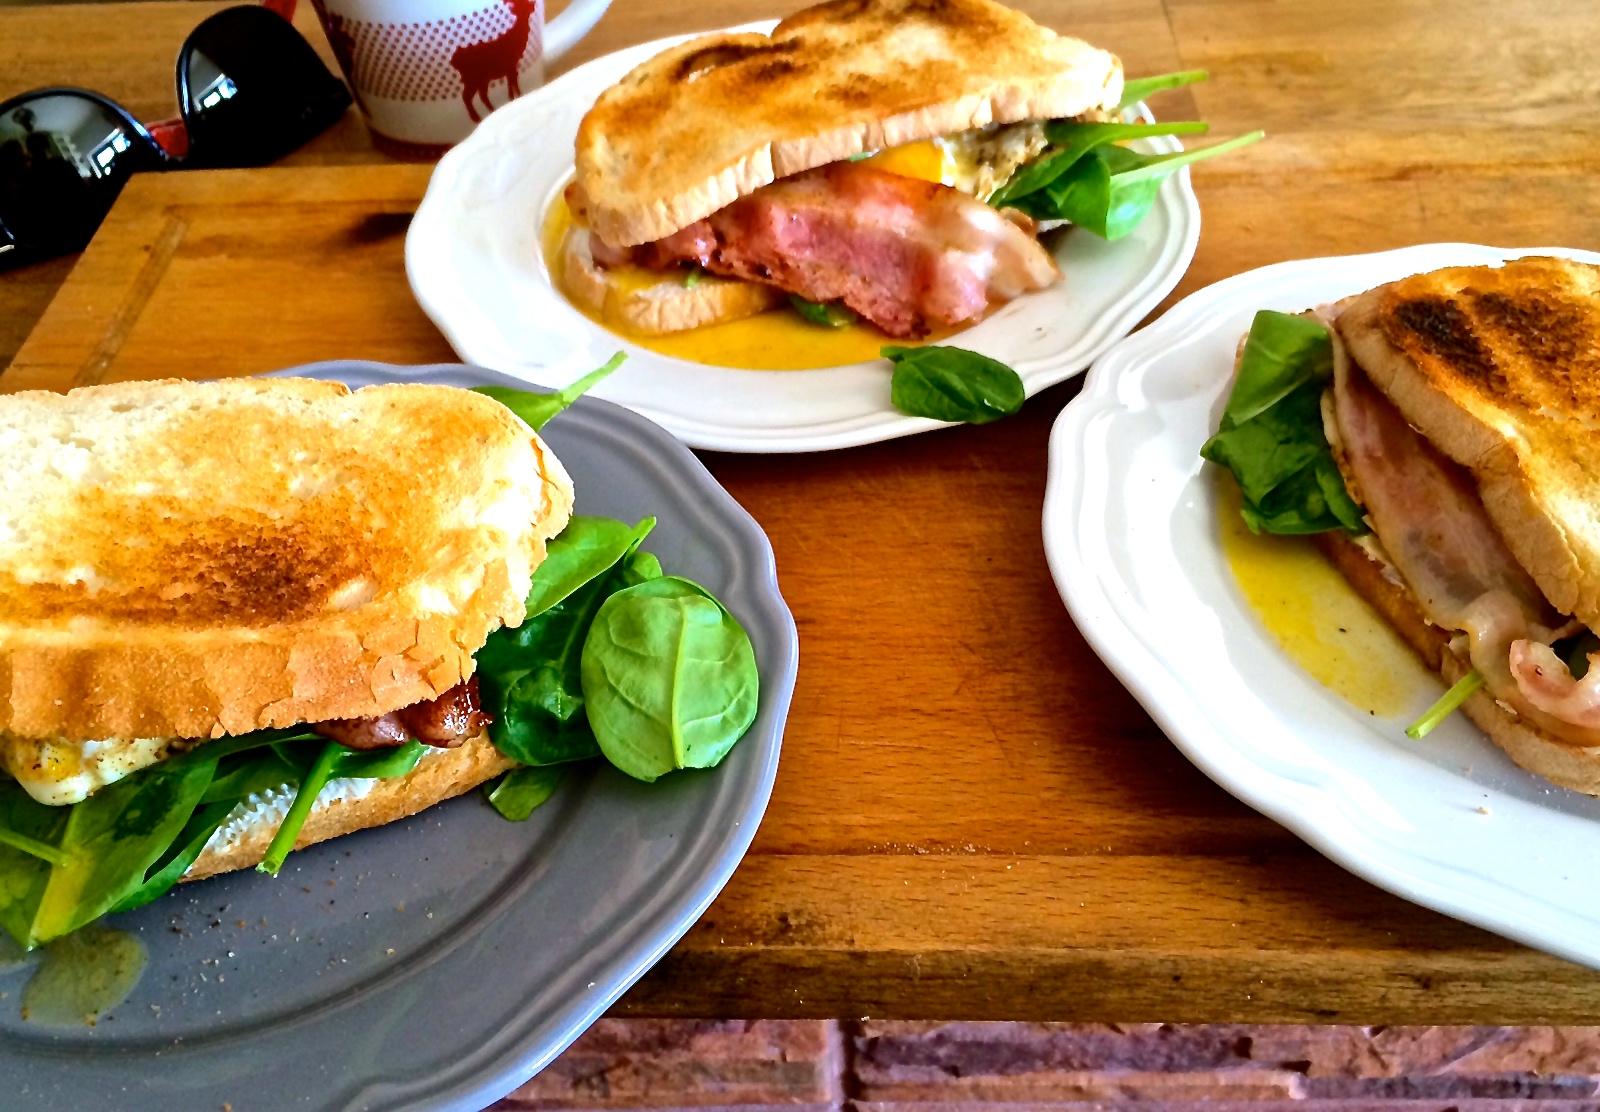 Yum sandwich